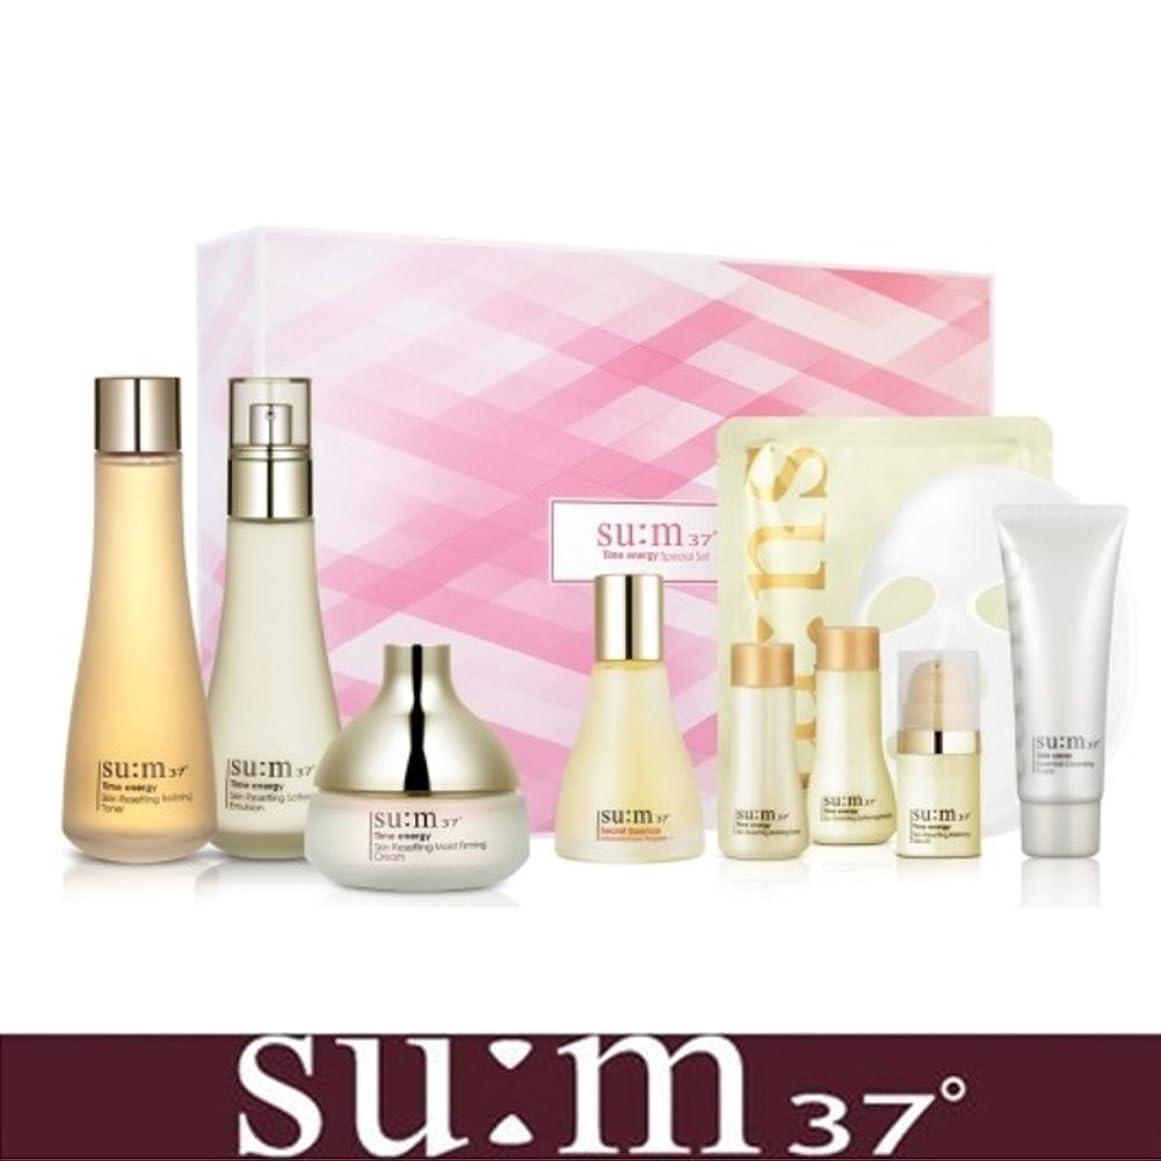 再生可能コミュニケーション細部[su:m37/スム37°] SUM37 Time Energy 3pcs Special Skincare Set / タイムエネルギーの3種のスペシャルセット+[Sample Gift](海外直送品)